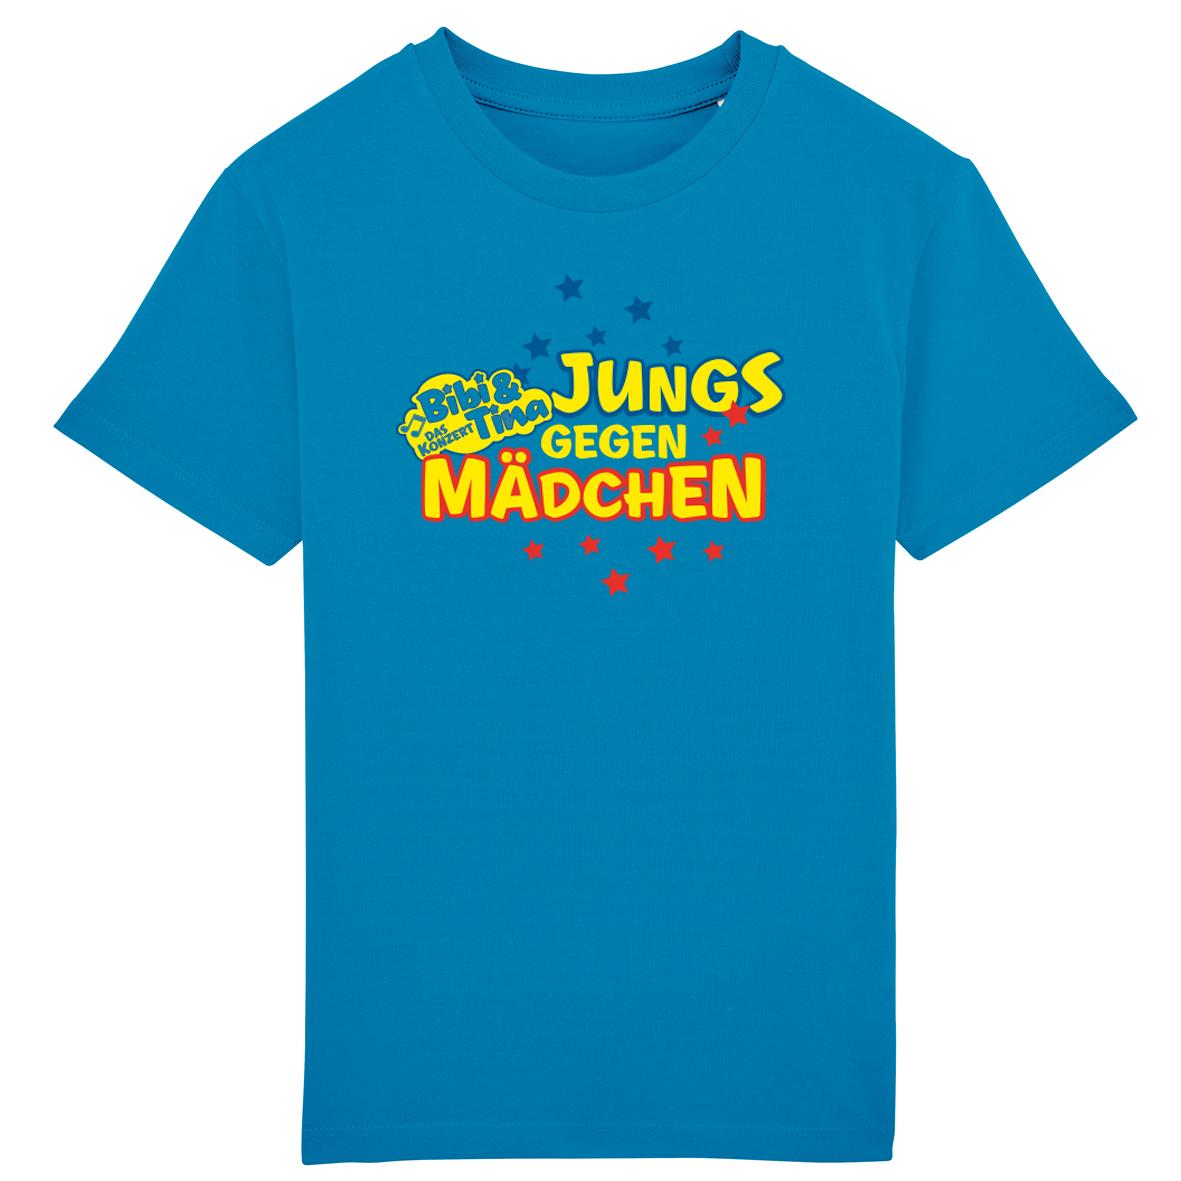 Bibi&Tina Jungs gegen Mädchen Shirt Kinder T-Shirt, azur